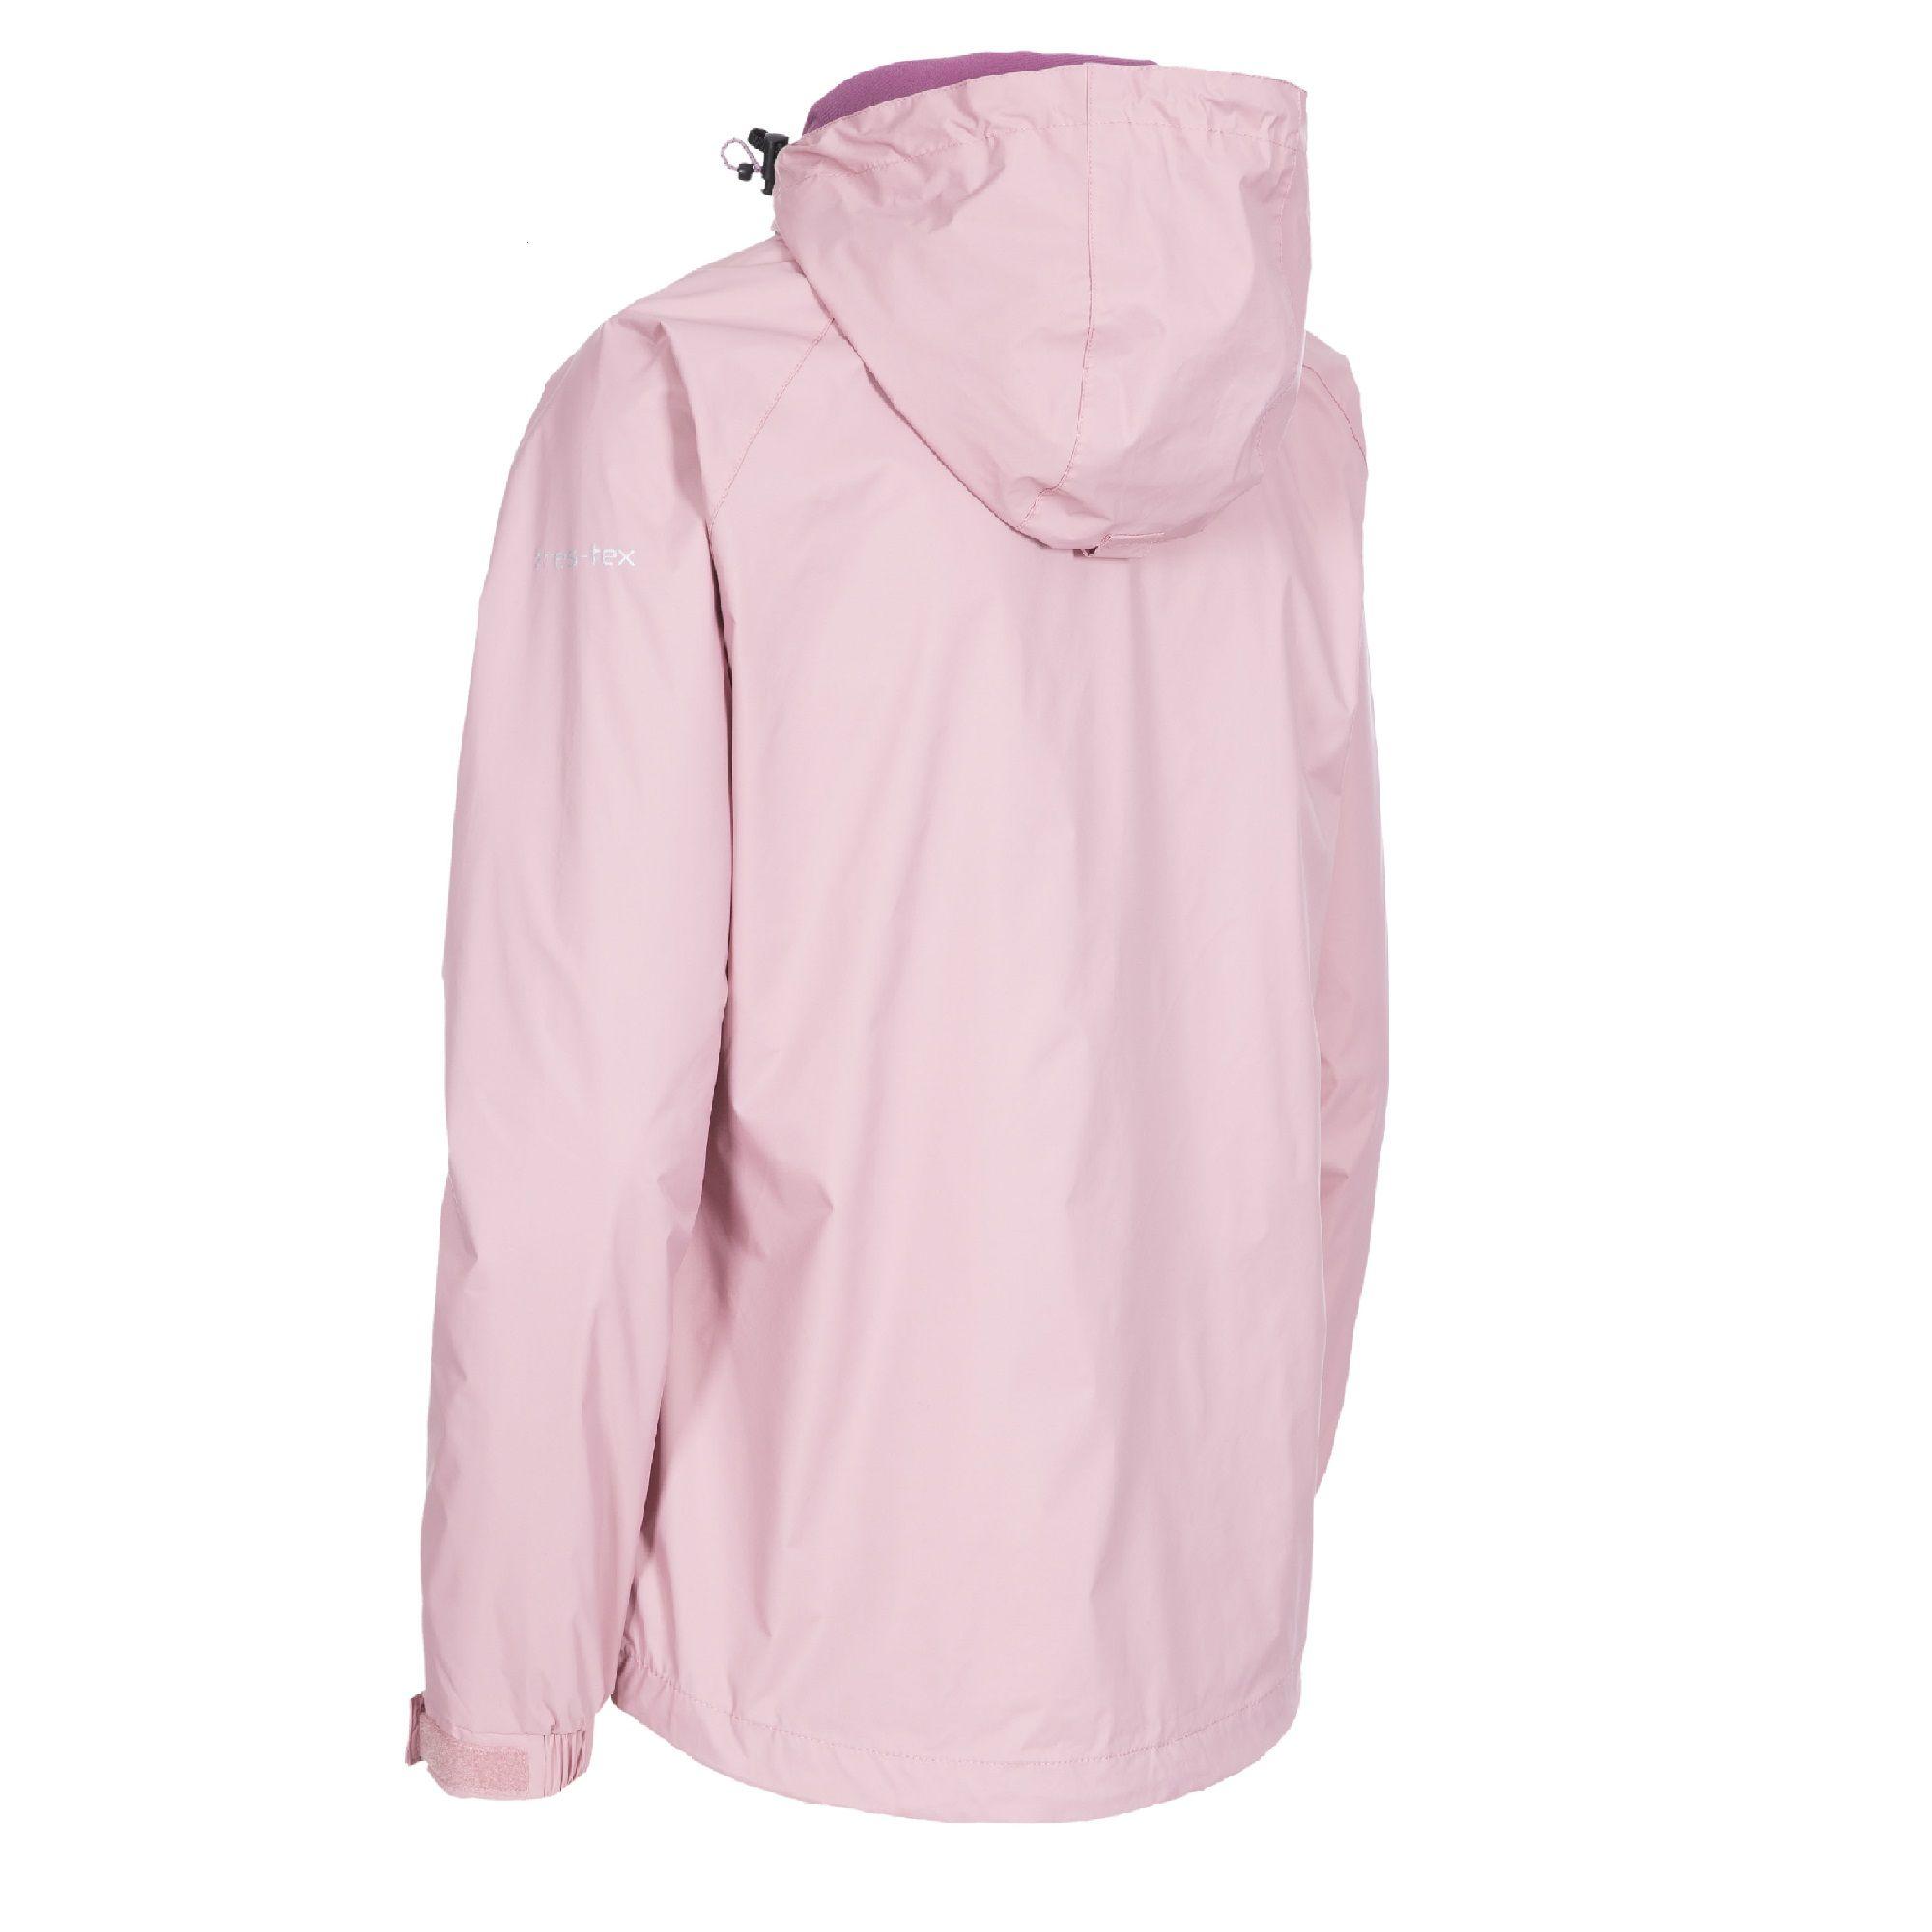 Trespass Women's Tayah II Waterproof Shell Jacket